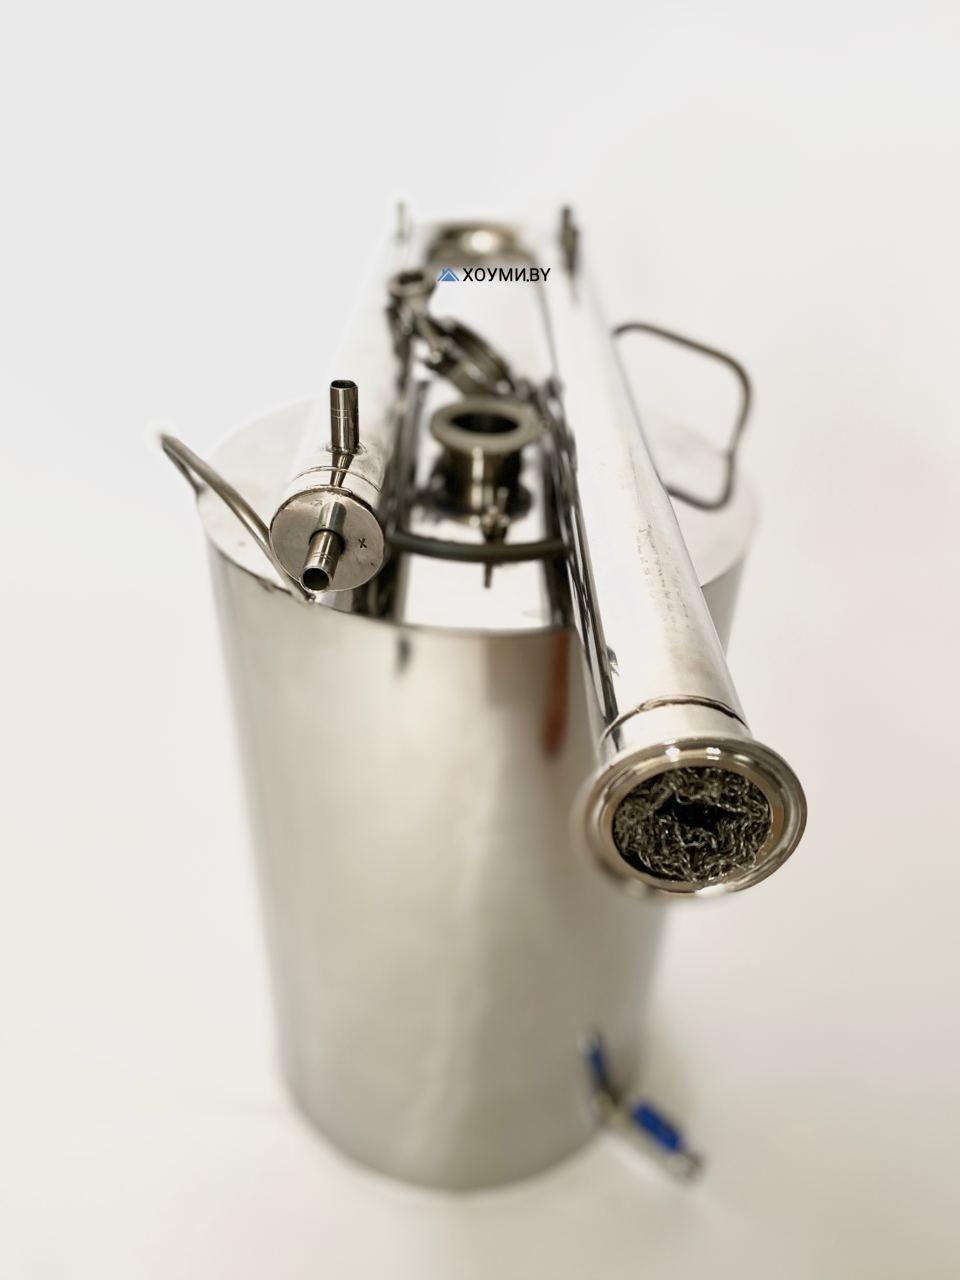 Аппарат Добрыня Ракета Люкс  - 5